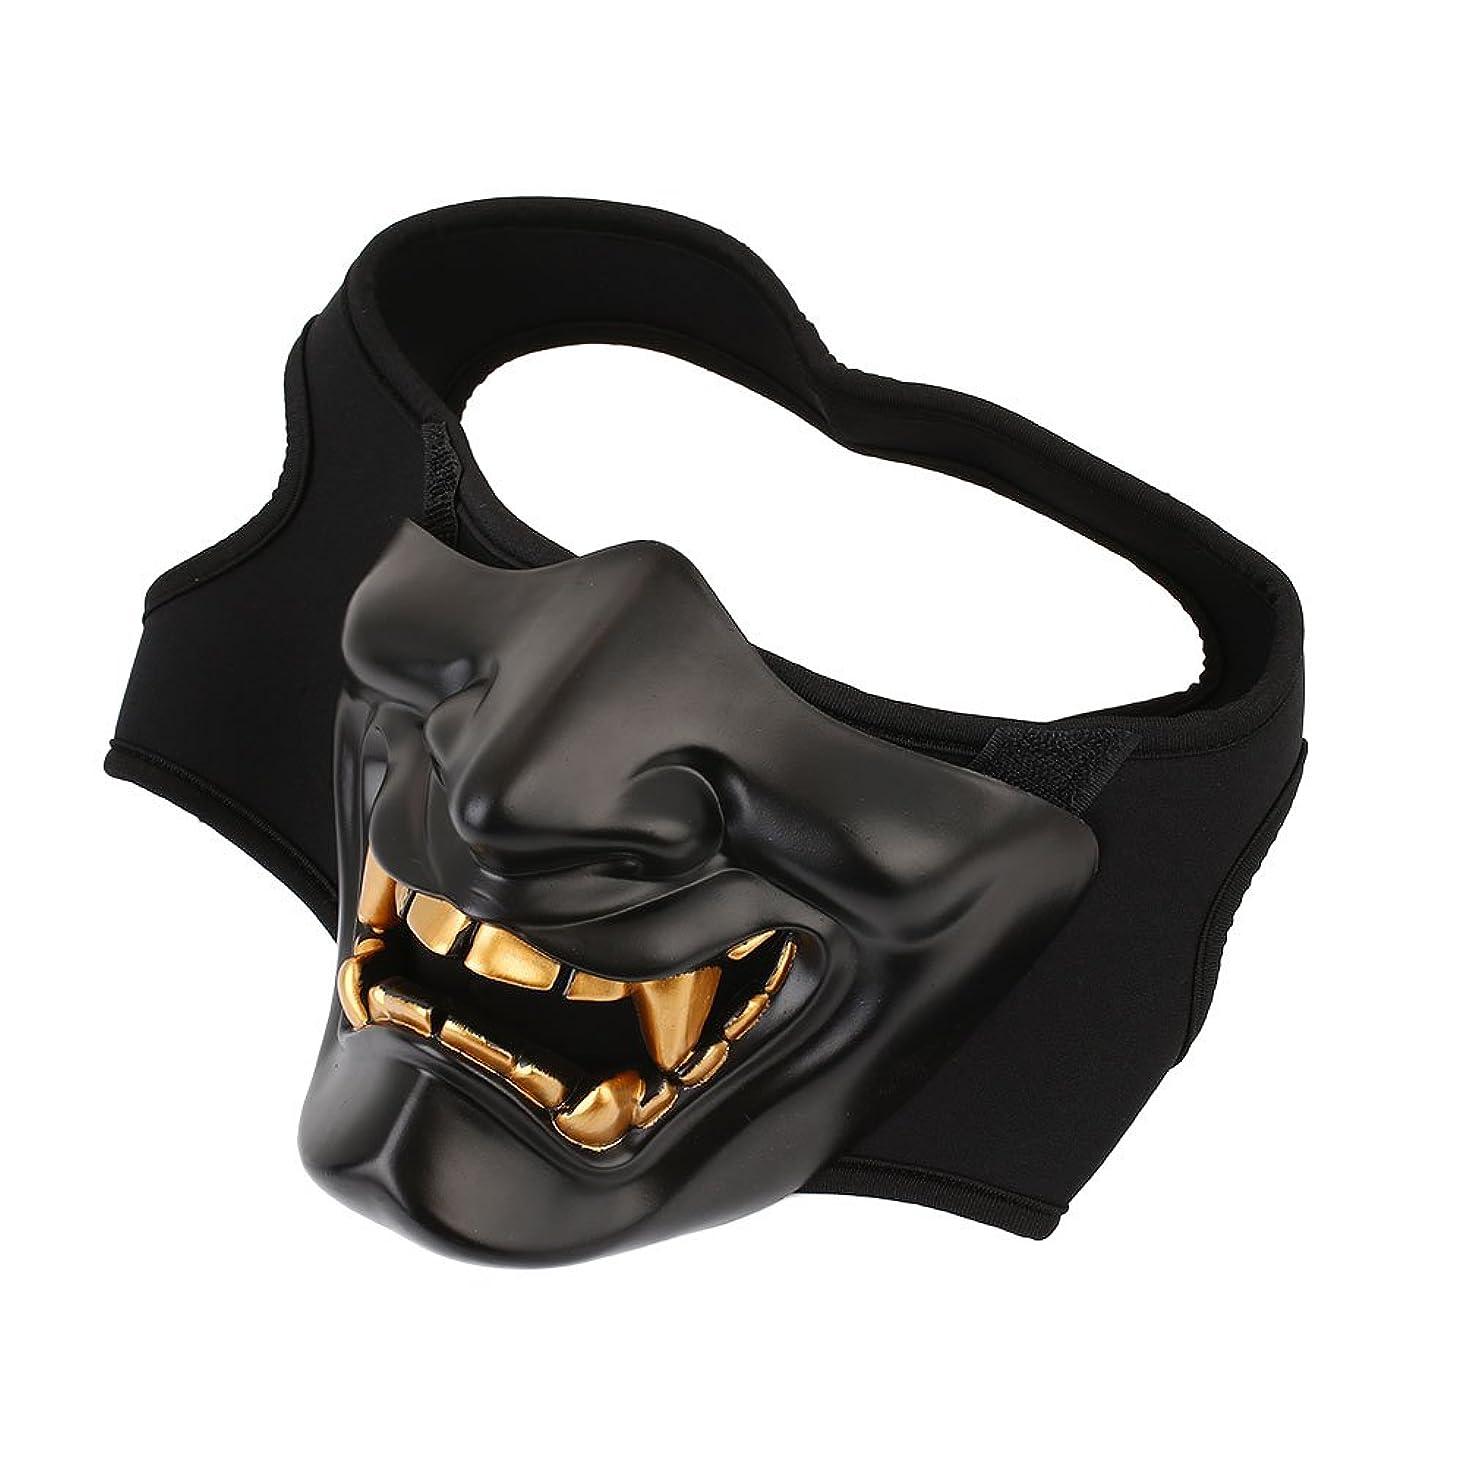 収束侵略懐Auntwhale ハロウィーンマスク大人恐怖コスチューム、悪魔ファンシーマスカレードパーティーハロウィンマスク、フェスティバル通気性ギフトヘッドマスク - ブラック